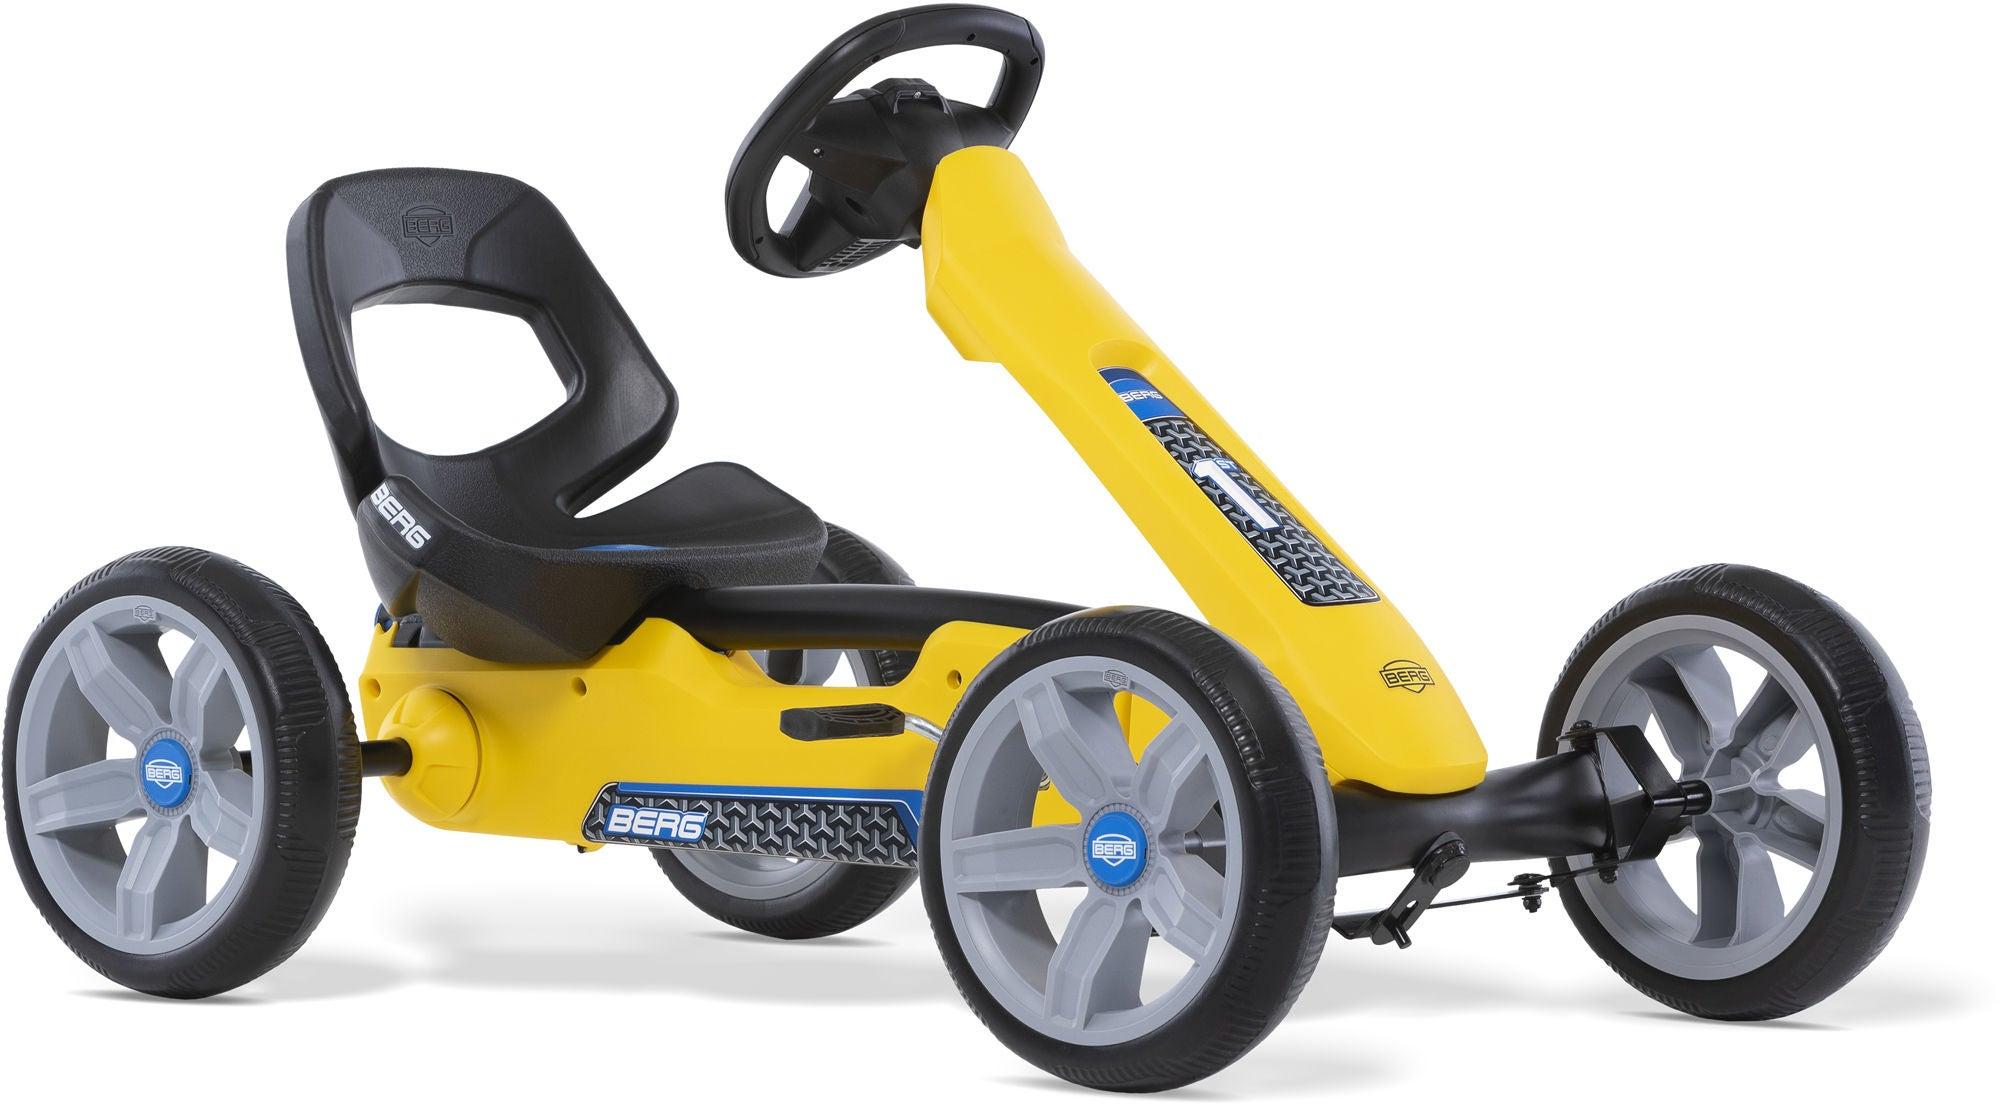 BERG Trampbil Reppy Rider